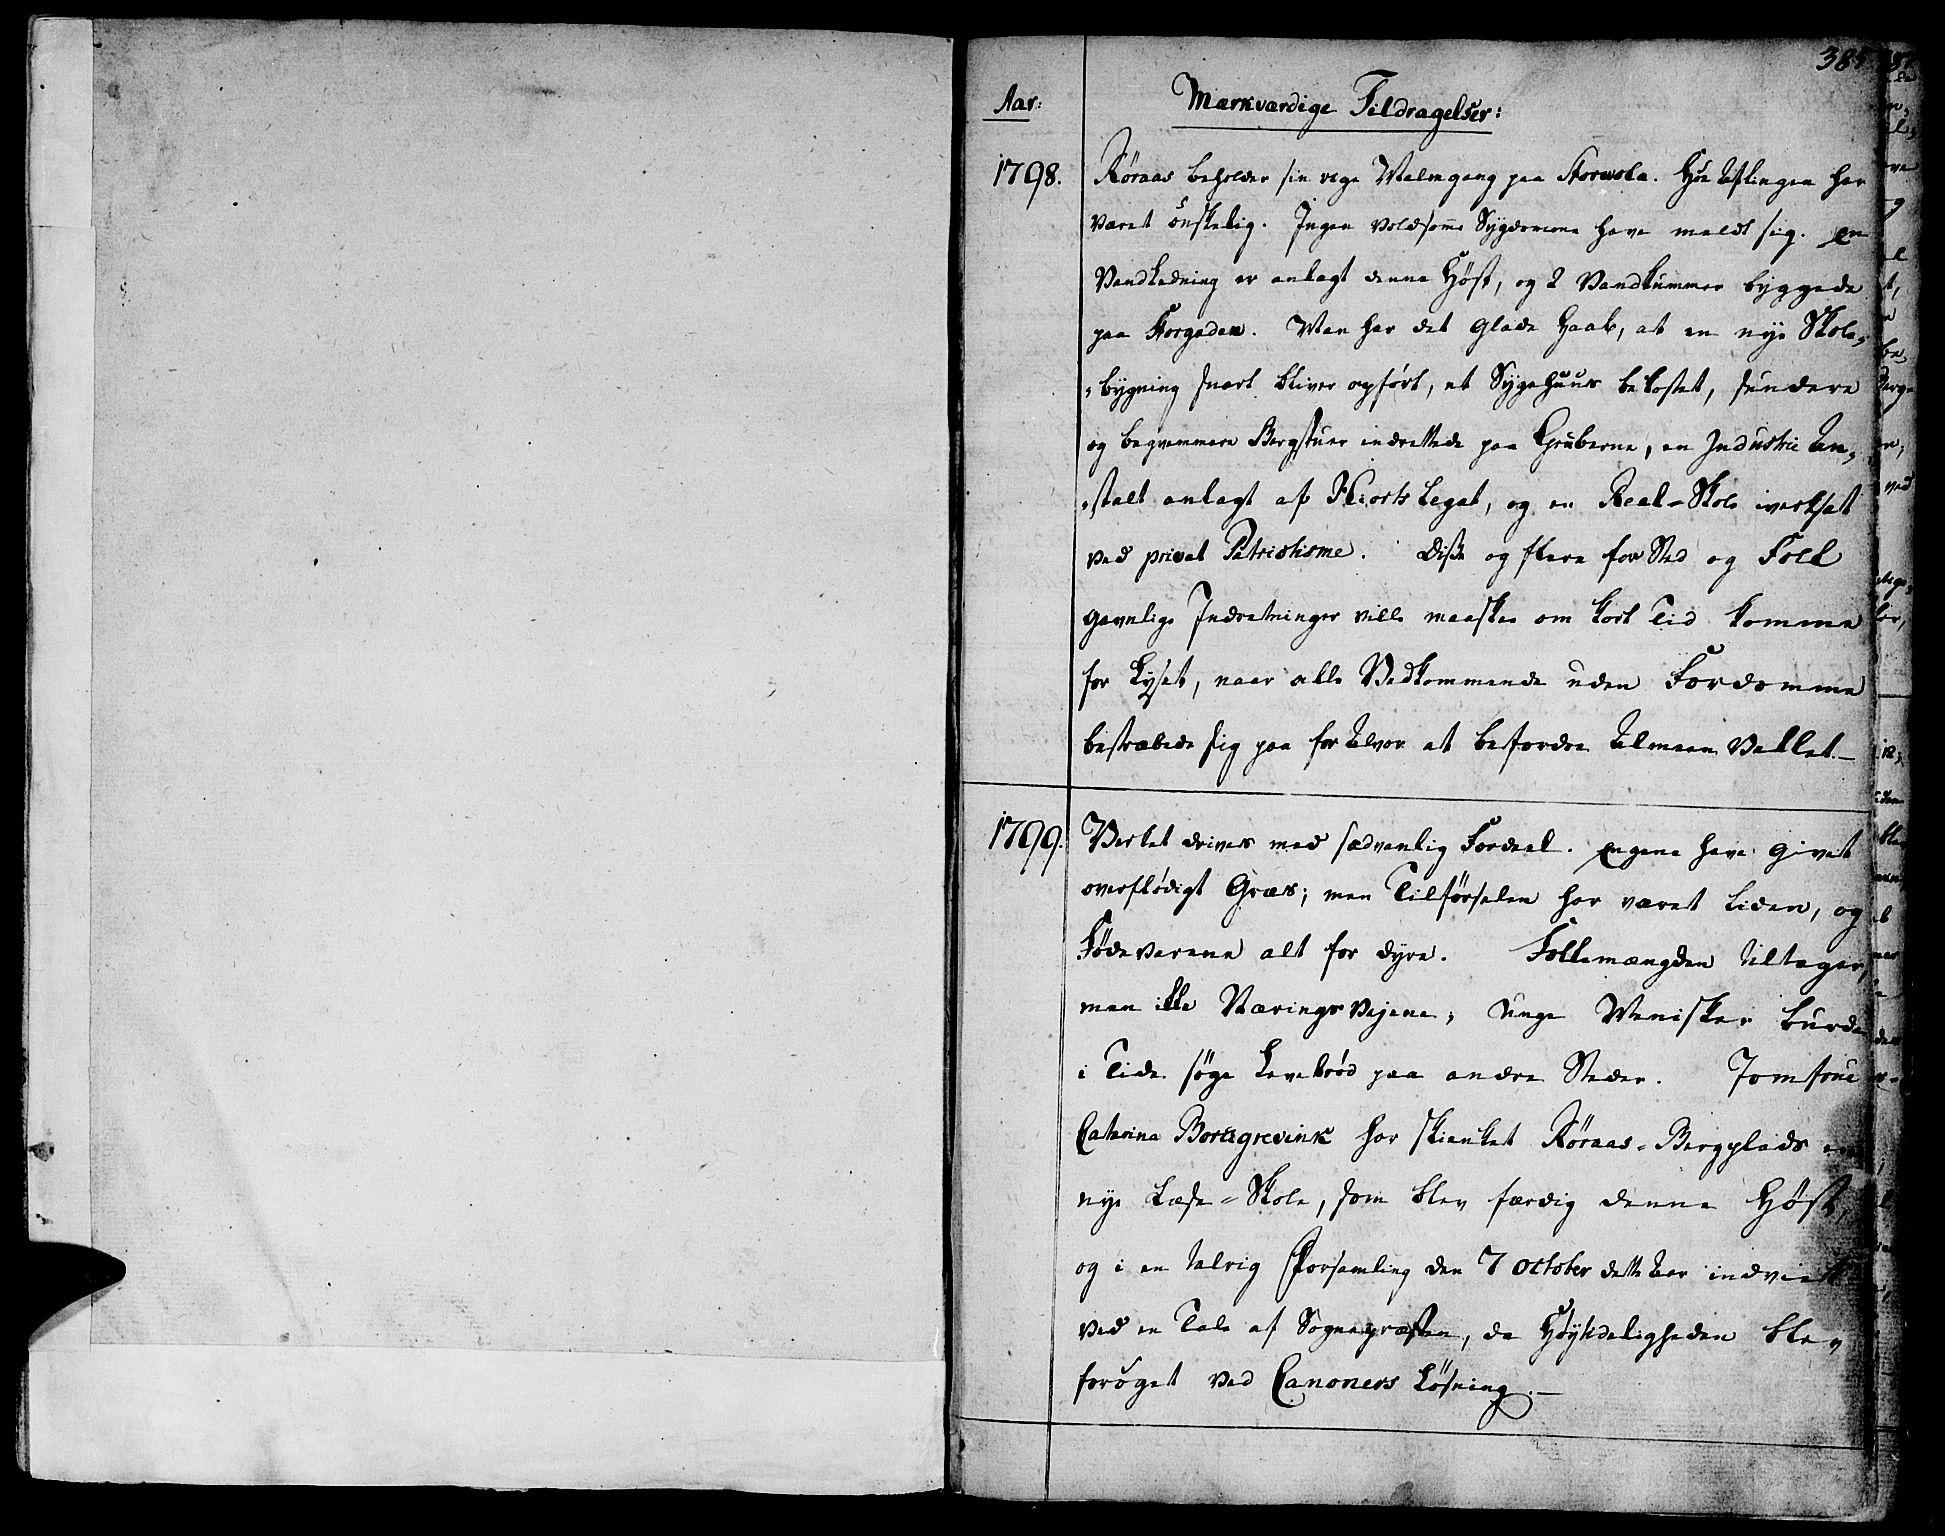 SAT, Ministerialprotokoller, klokkerbøker og fødselsregistre - Sør-Trøndelag, 681/L0927: Ministerialbok nr. 681A05, 1798-1808, s. 384-385